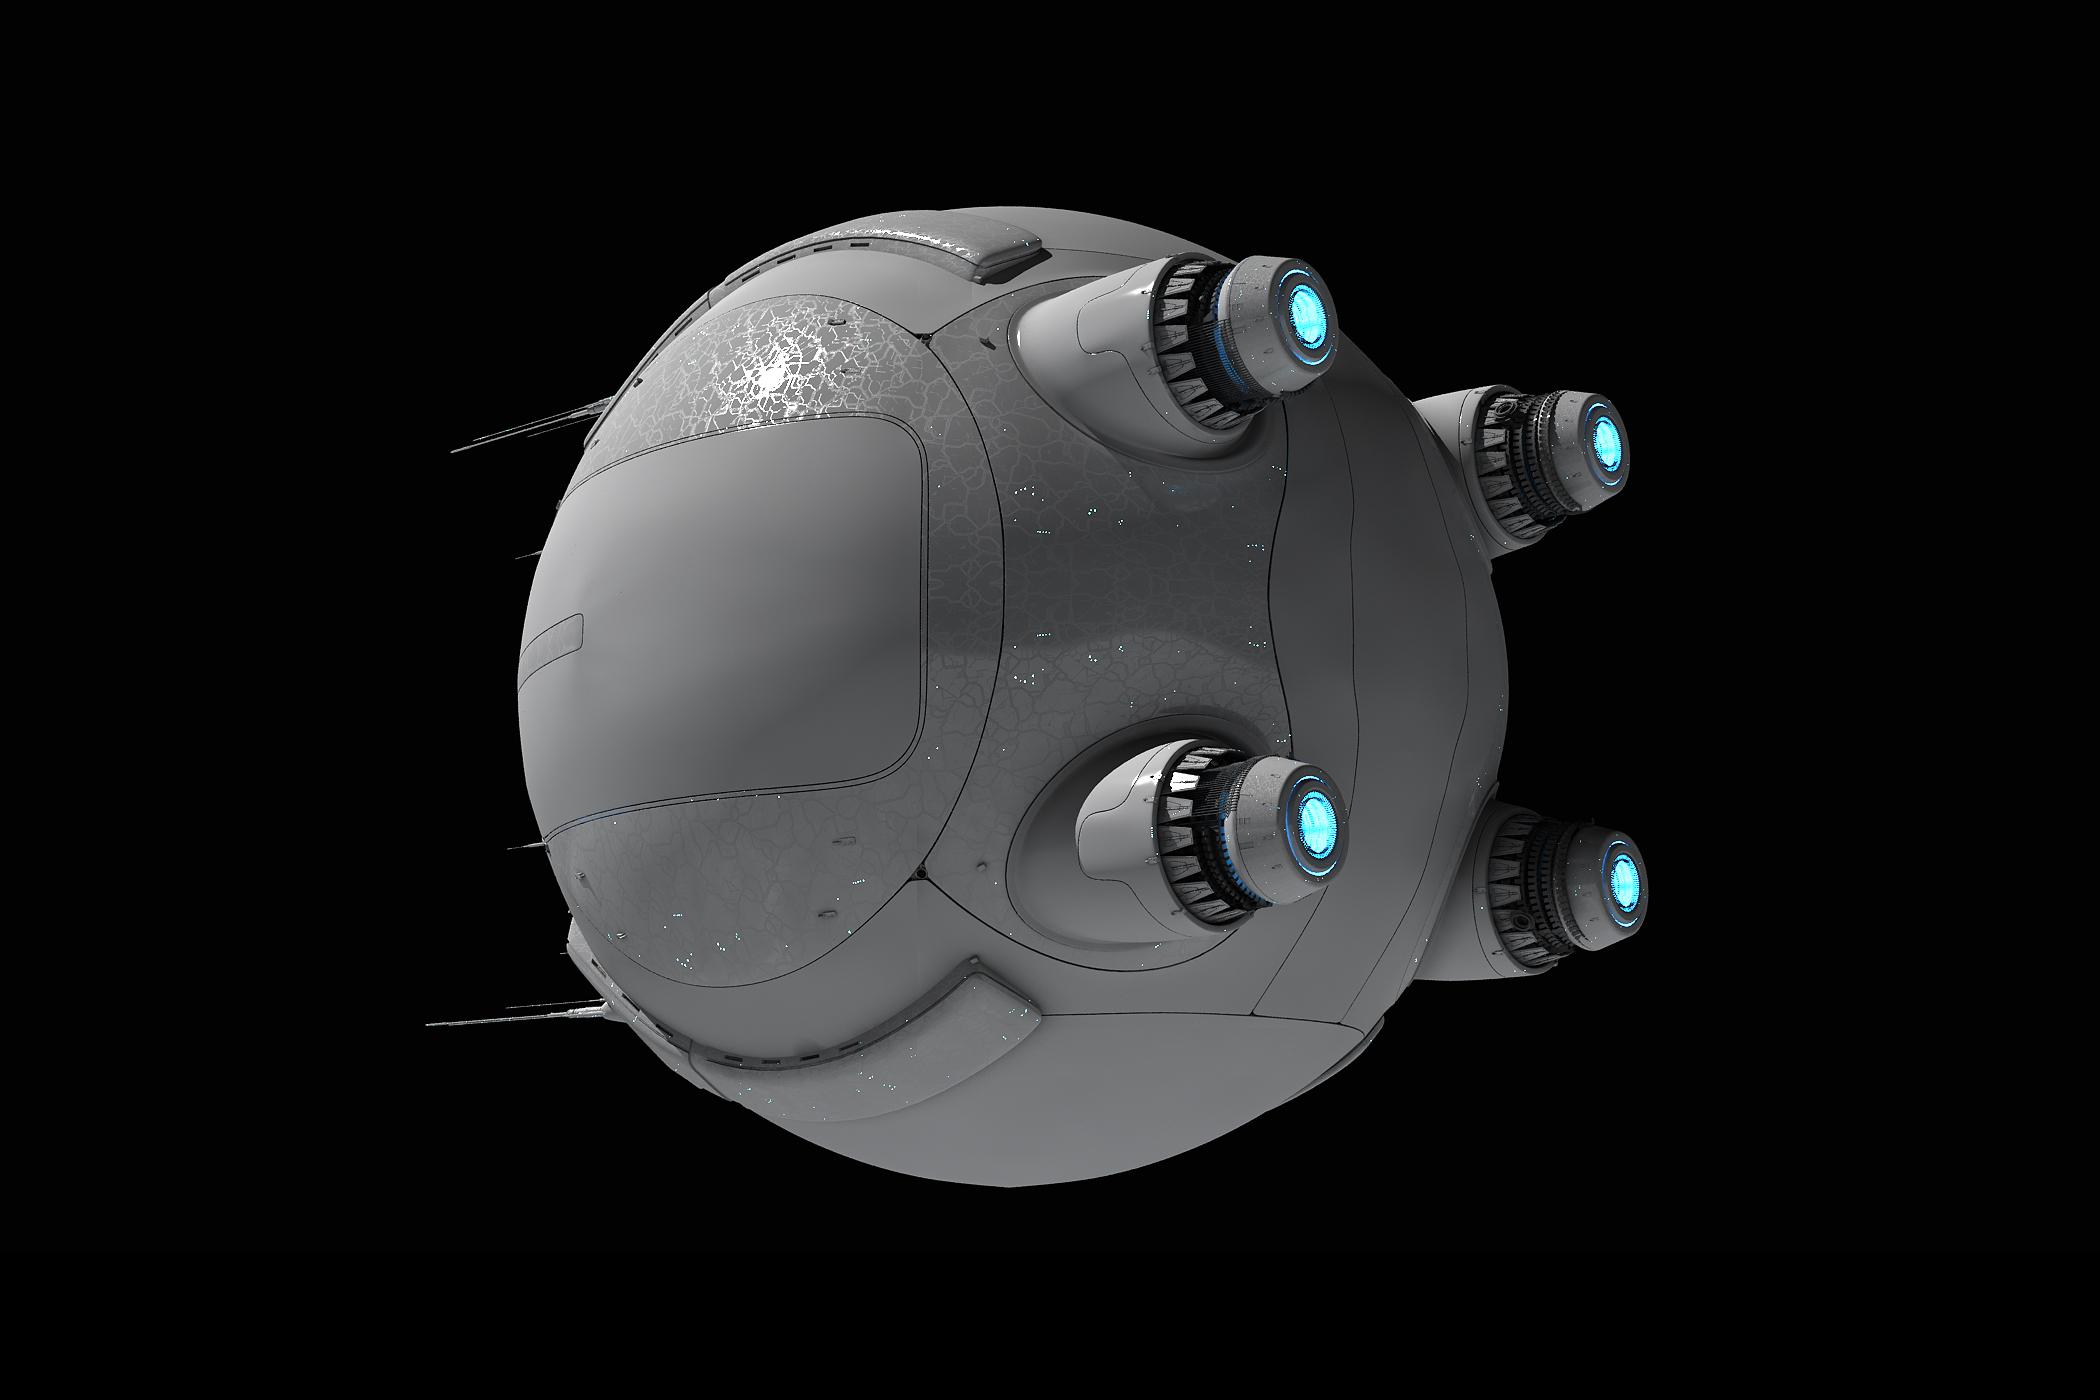 AlienShip_v007_001.jpg